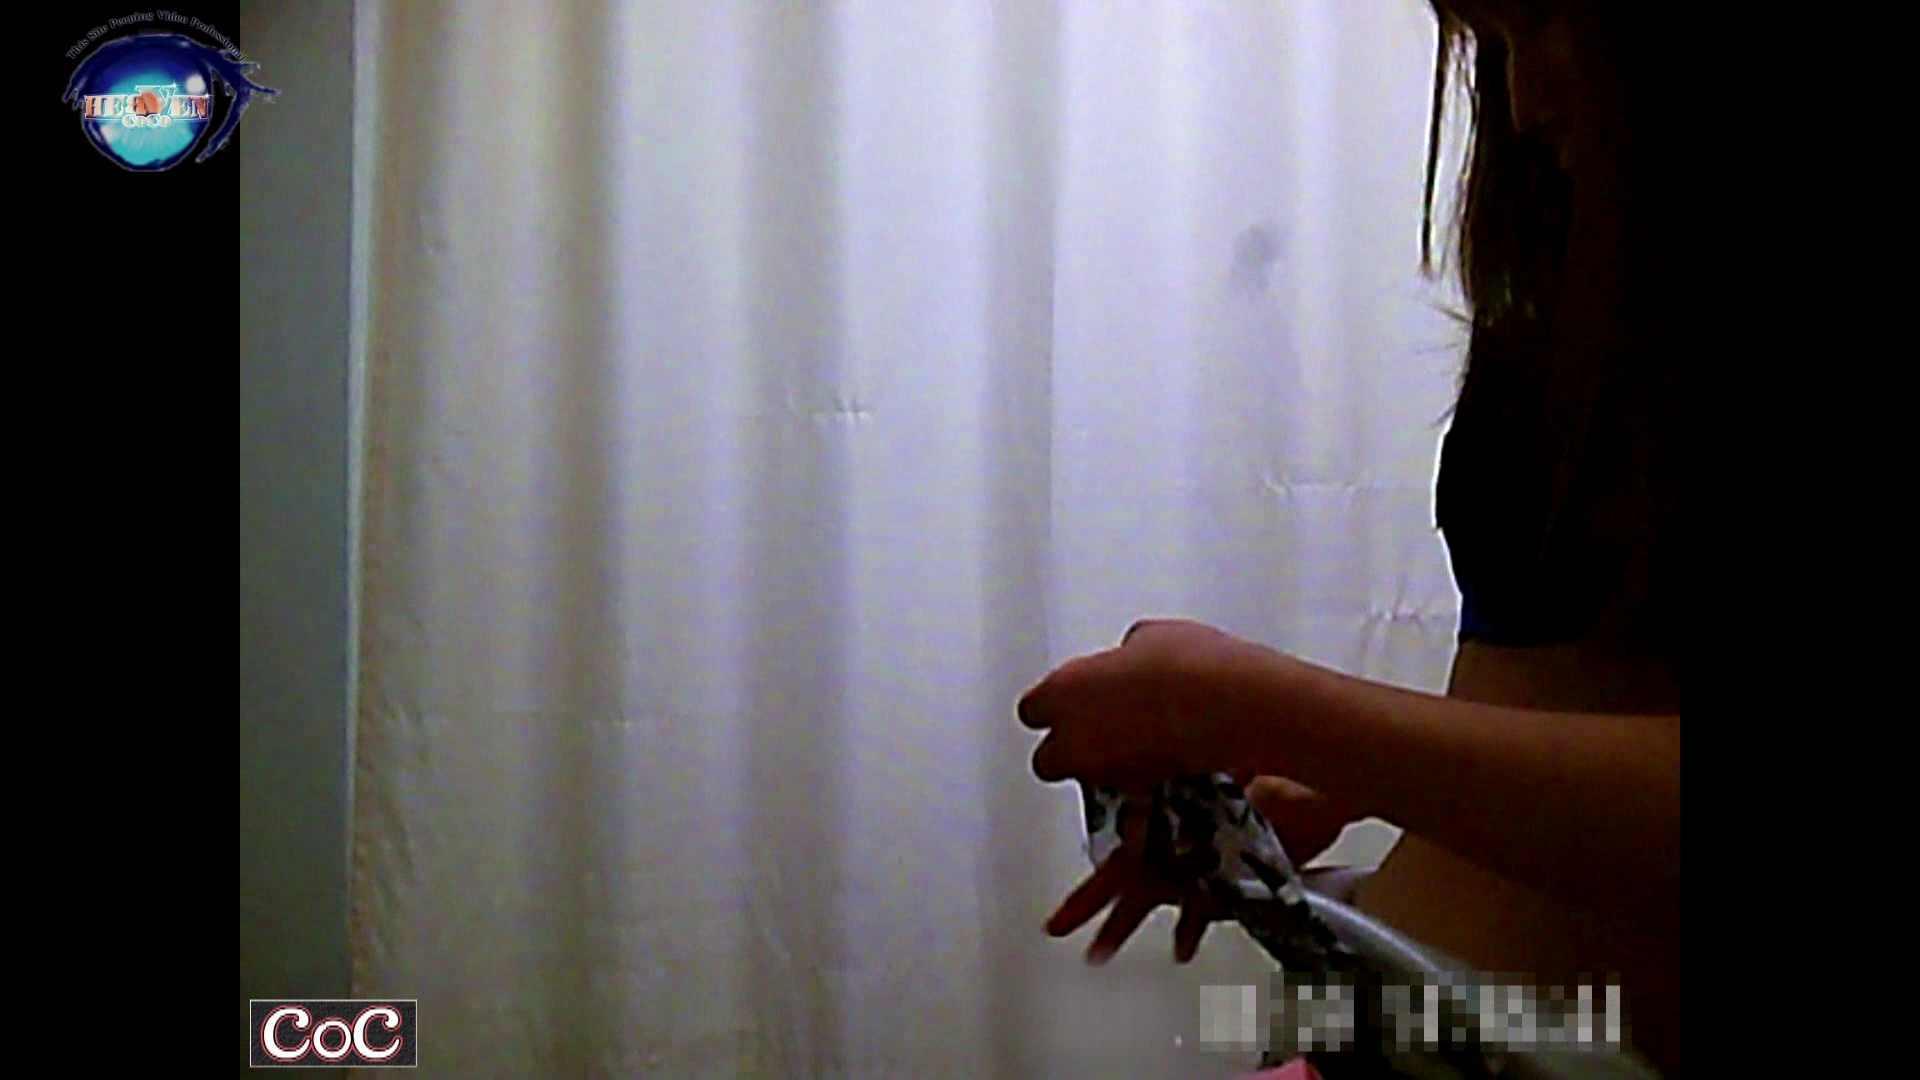 激ヤバ健康診断!着替えの一部始終.vol.13 ※本編ボカシ・目線無し 盗撮シリーズ エロ画像 97PIX 12